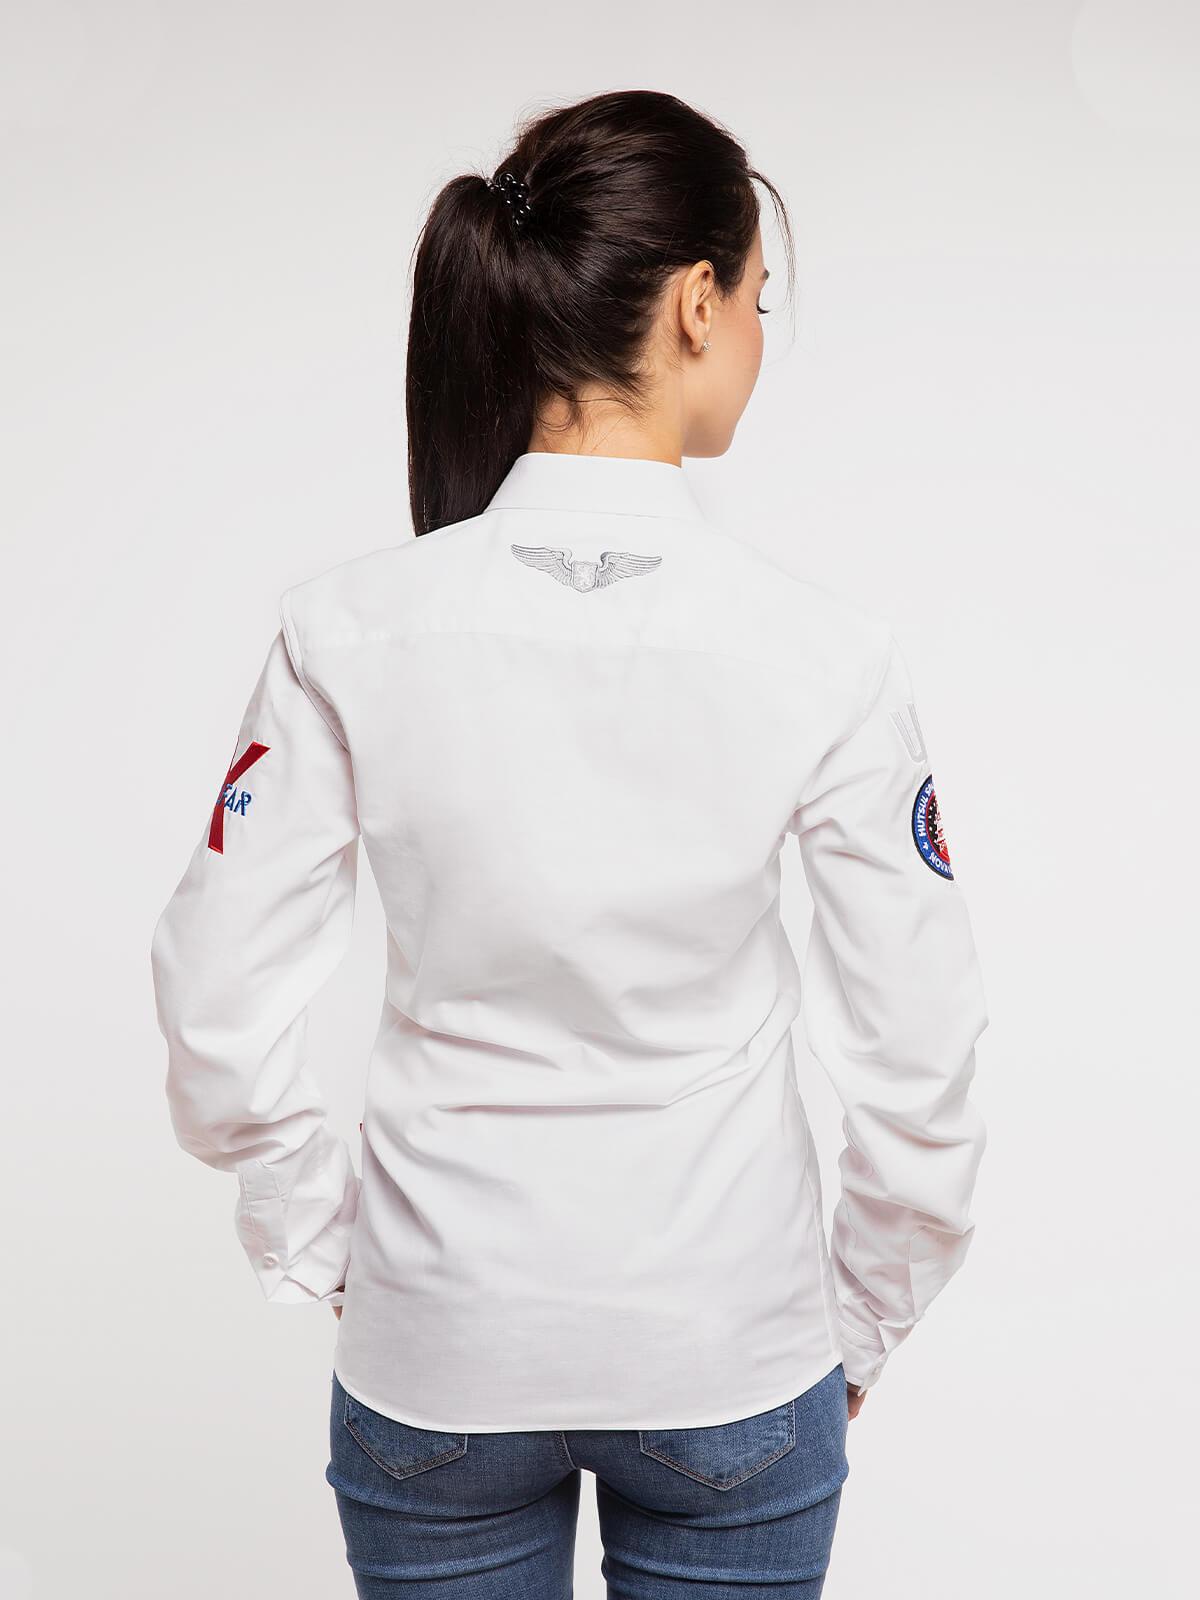 Жіноча Сорочка Molfar-X. Колір білий.  Технологія нанесення зображень: шовкодрук, вишивка.